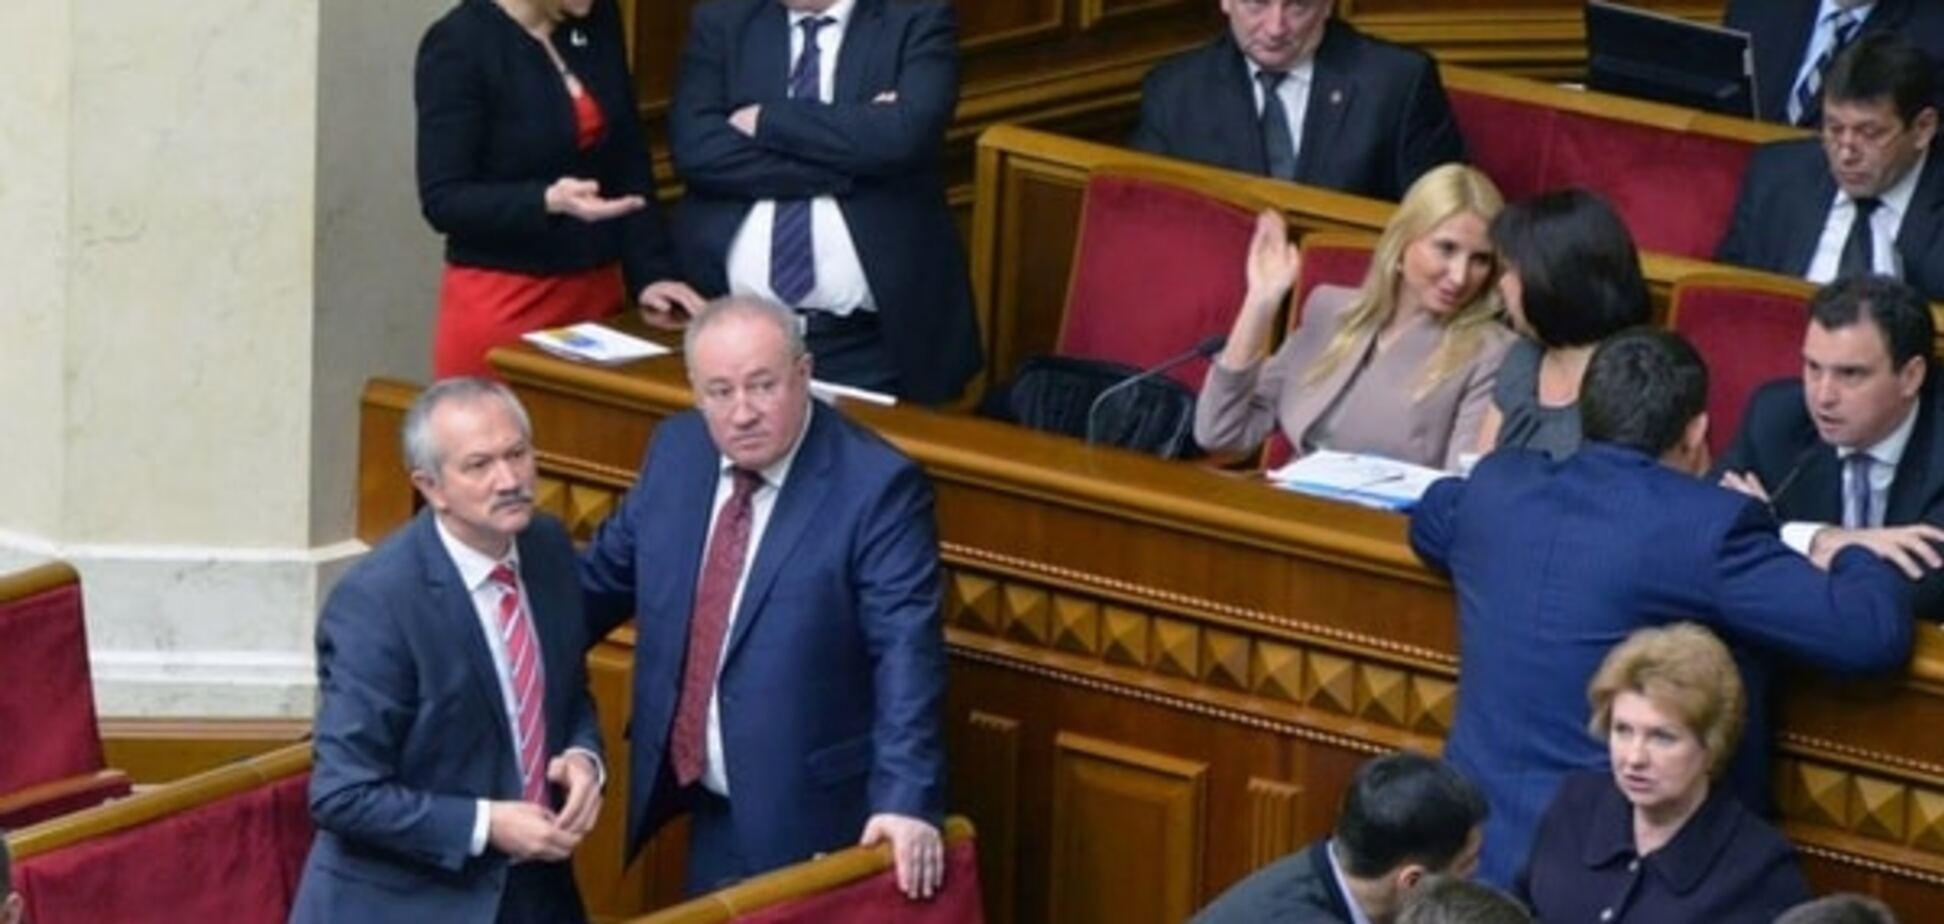 Безвизовый режим съела коррупция: Рада провалила голосование 'европейских' законов